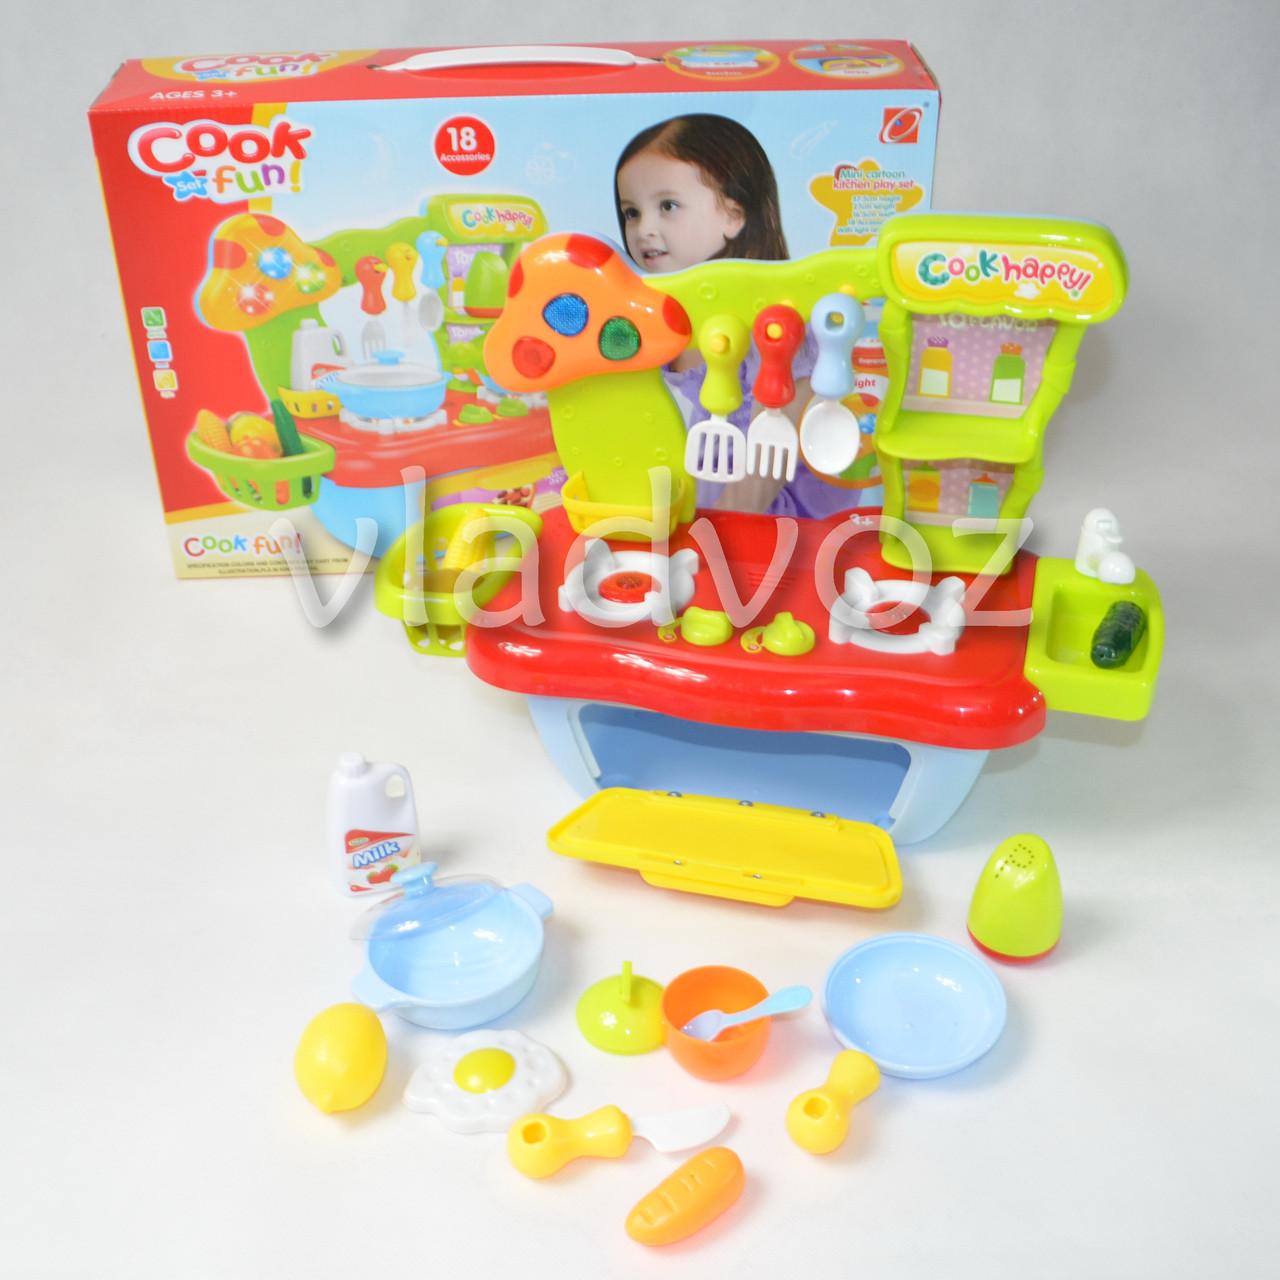 фото детской пластиковой кухни для девочки, плита 2 камфорки Cook fun mini голубая